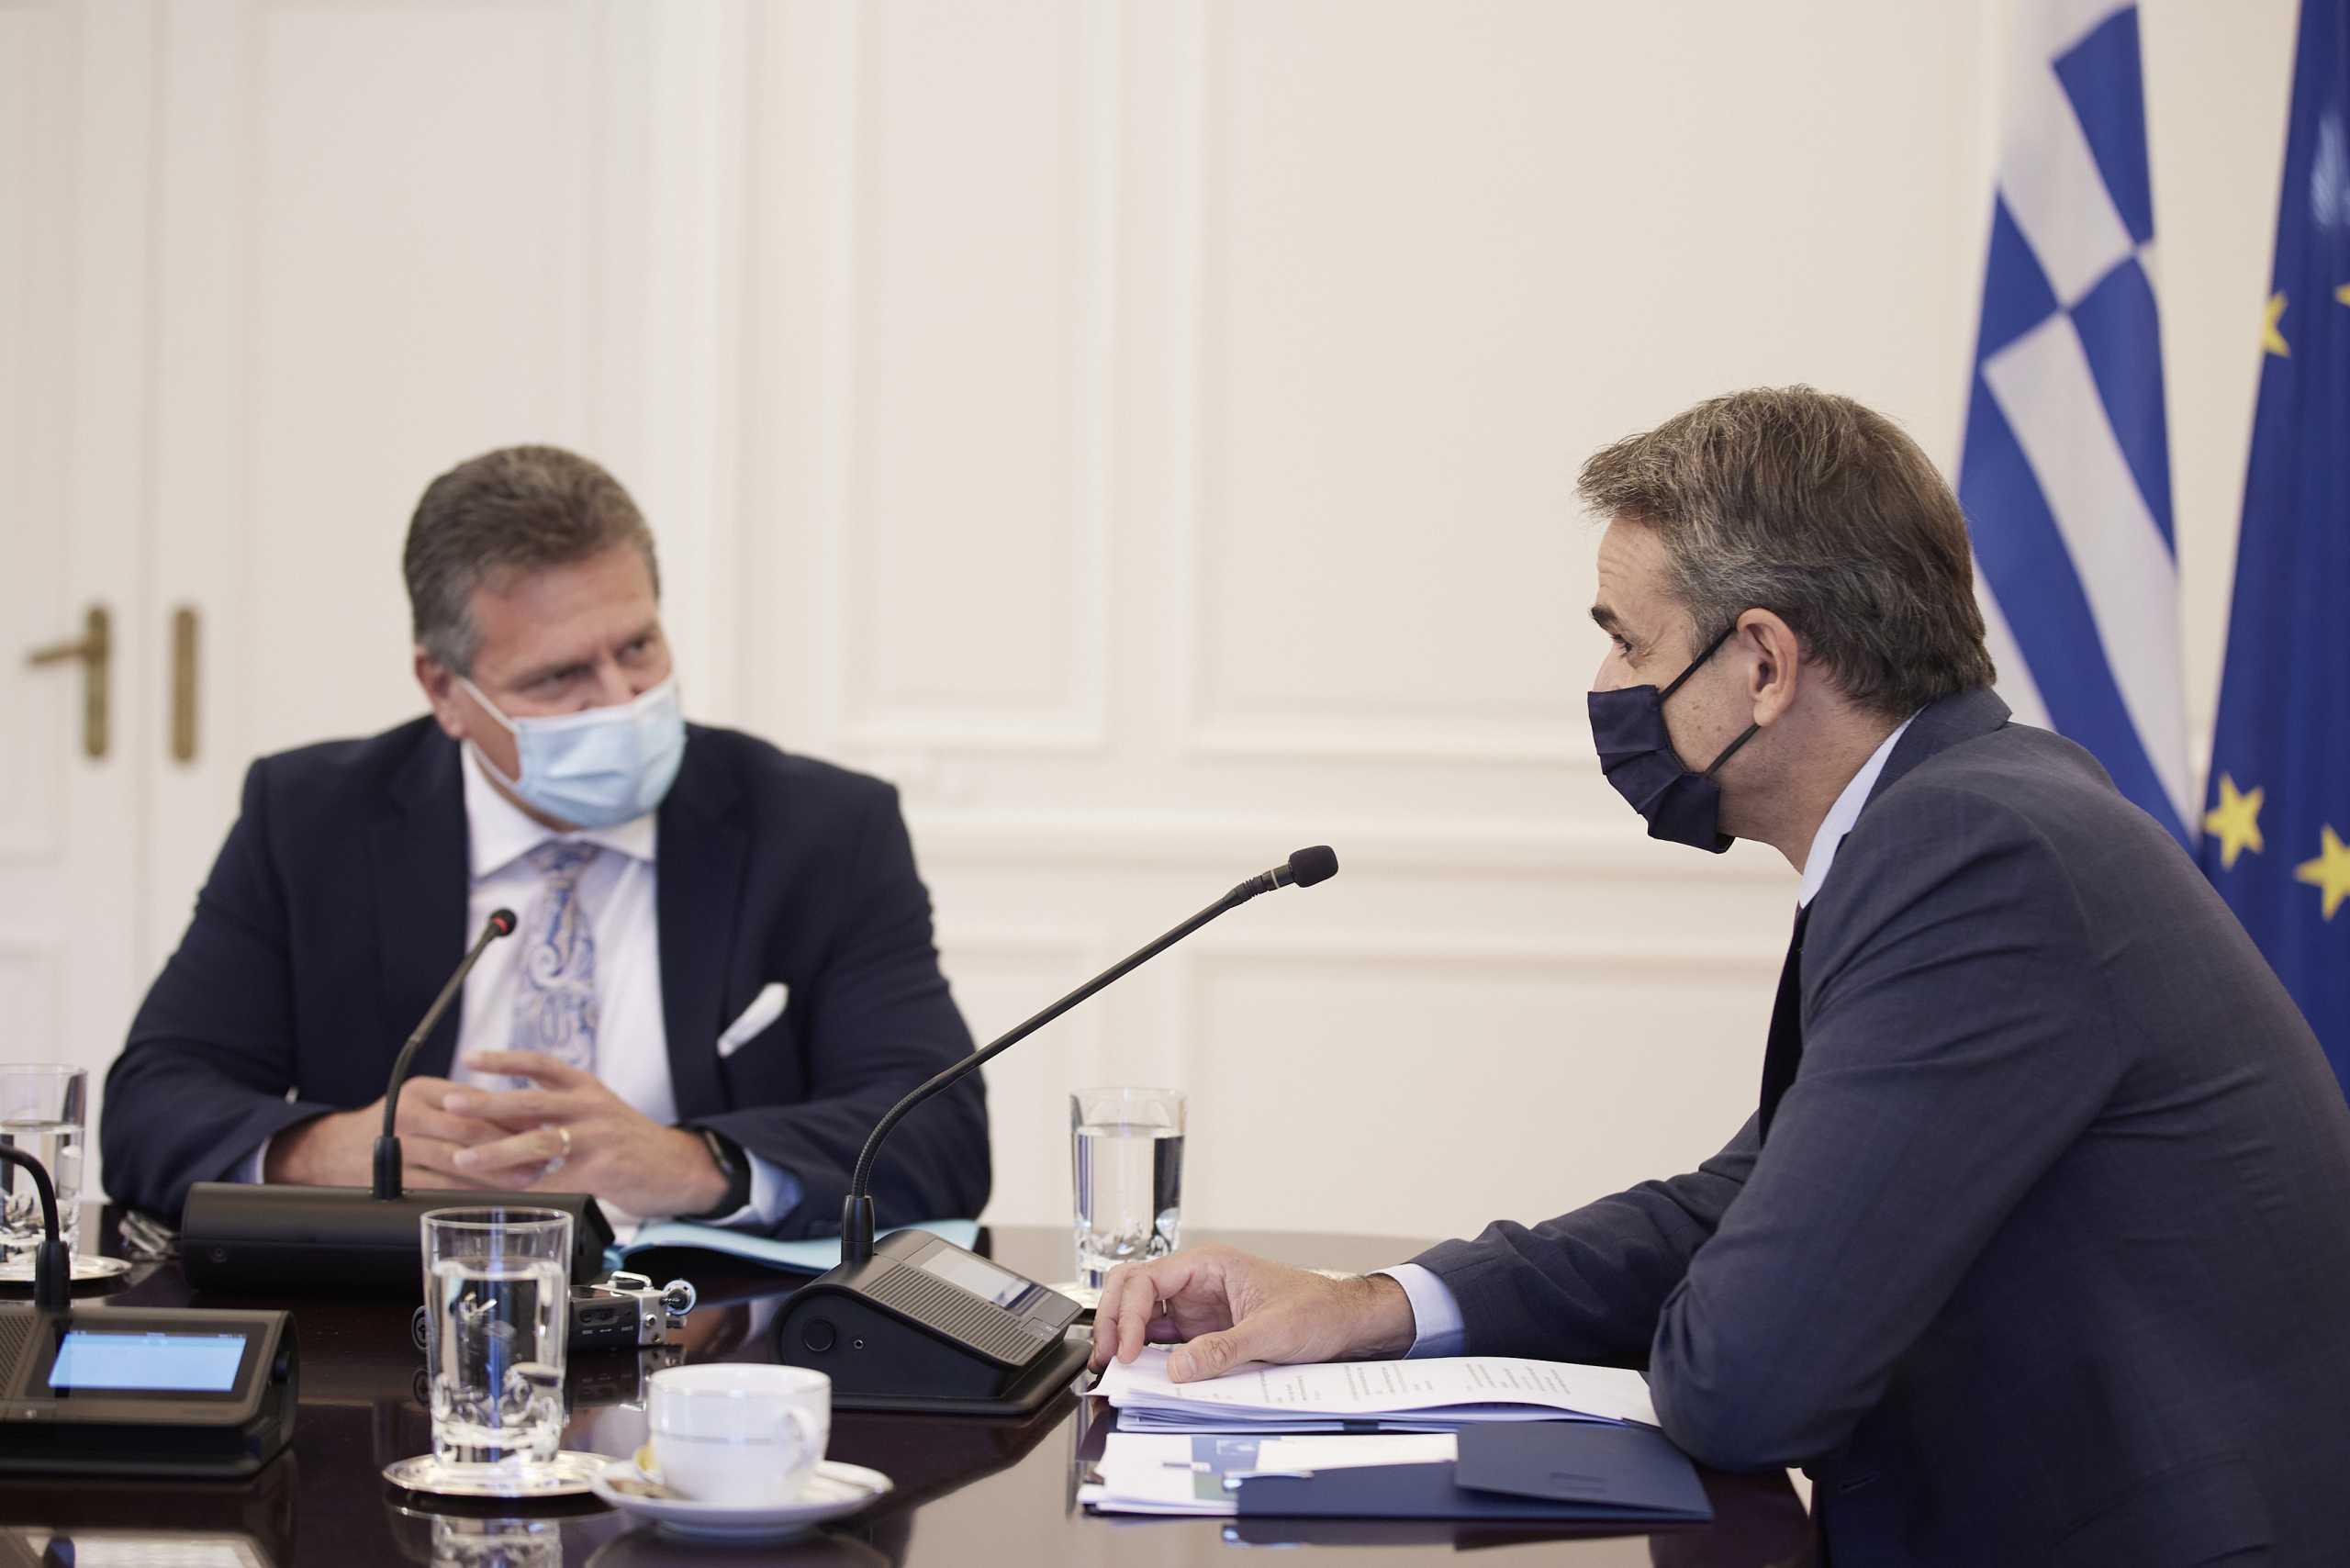 Κυριάκος Μητσοτάκης: Συναντήθηκε με τον αντιπρόεδρο της Ευρωπαϊκής Επιτροπής για τις προκλήσεις που θα αντιμετωπίσει η ΕΕ τα επόμενα χρόνια